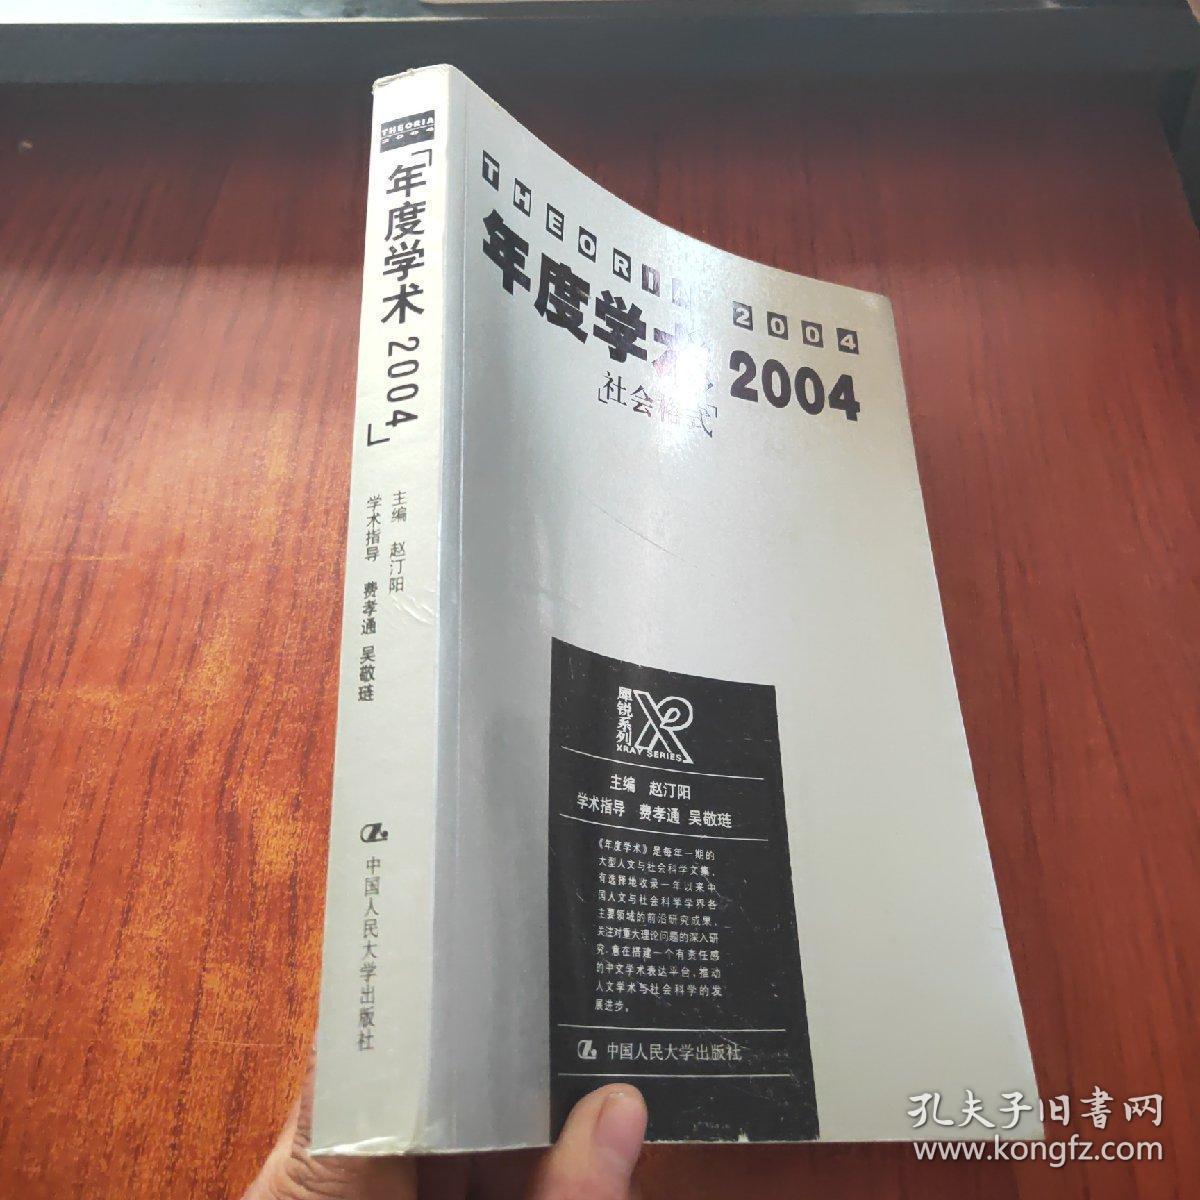 年度学术2004【社会格式】